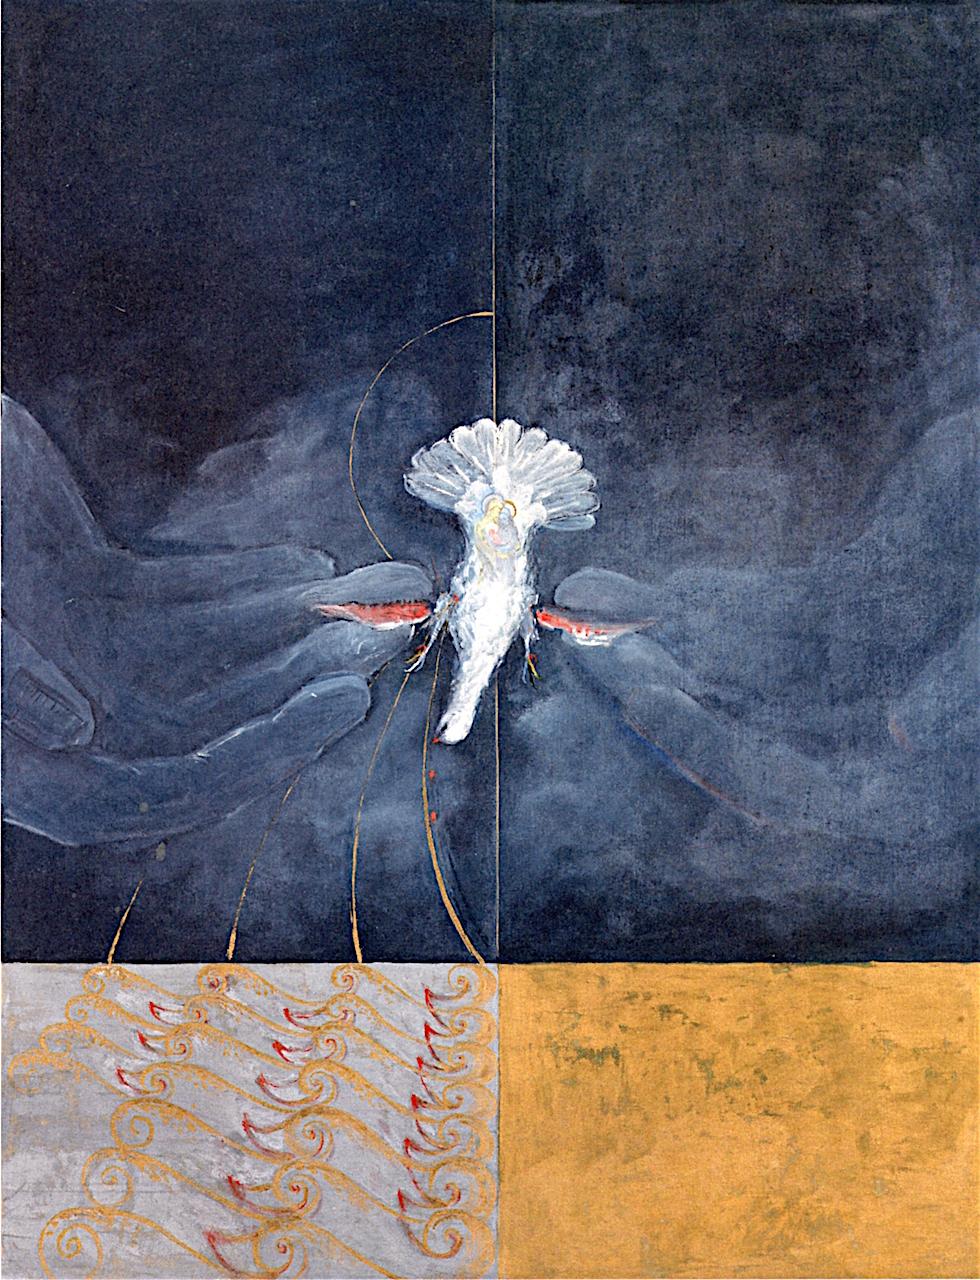 The Dove, No. 05, Group IX